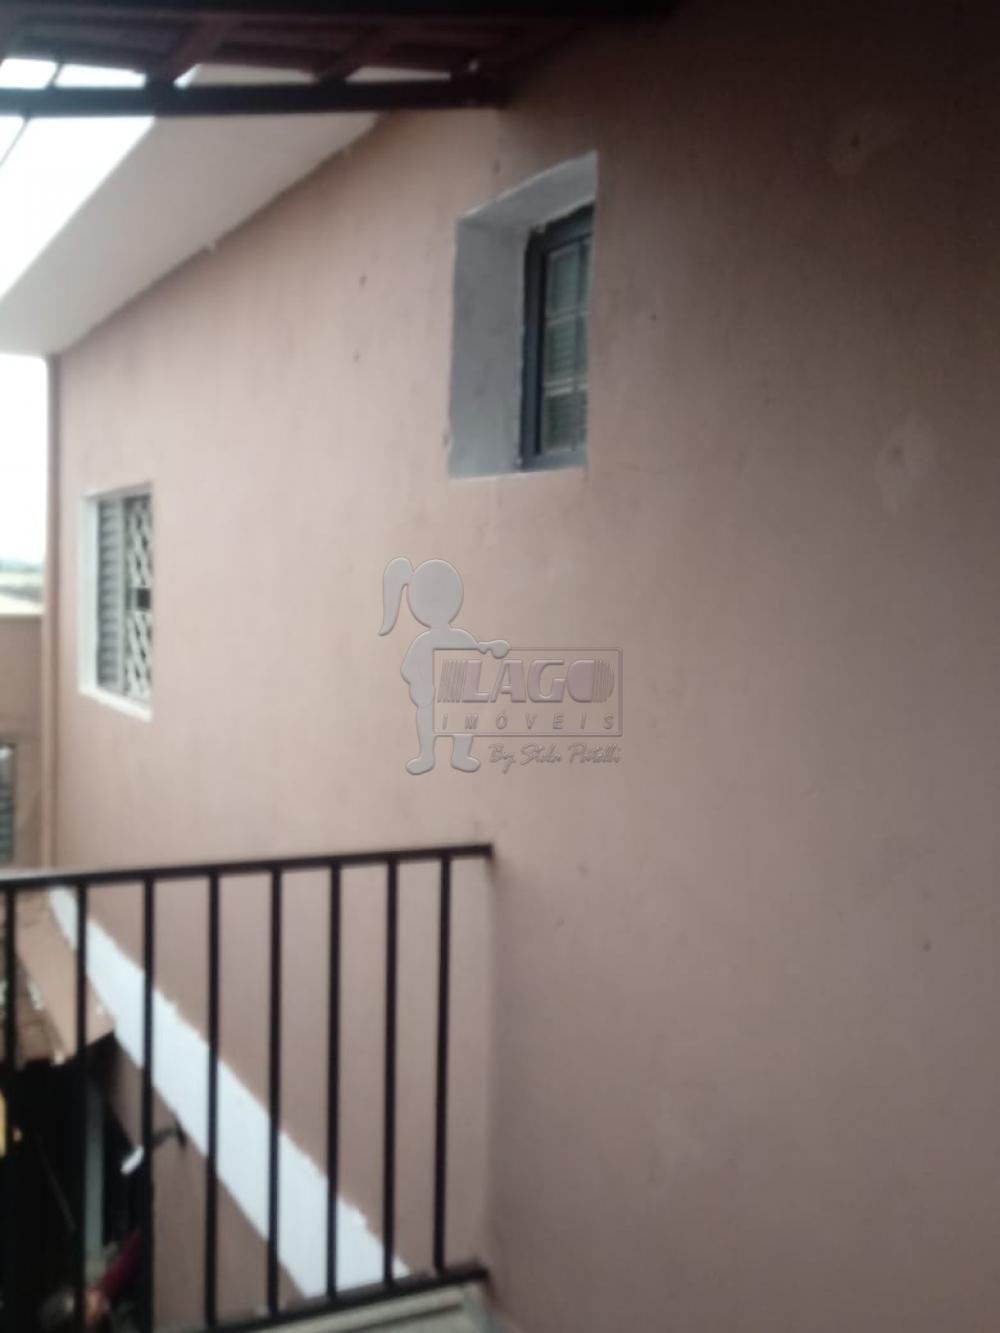 Comprar Casas / Padrão em Ribeirão Preto R$ 195.000,00 - Foto 16